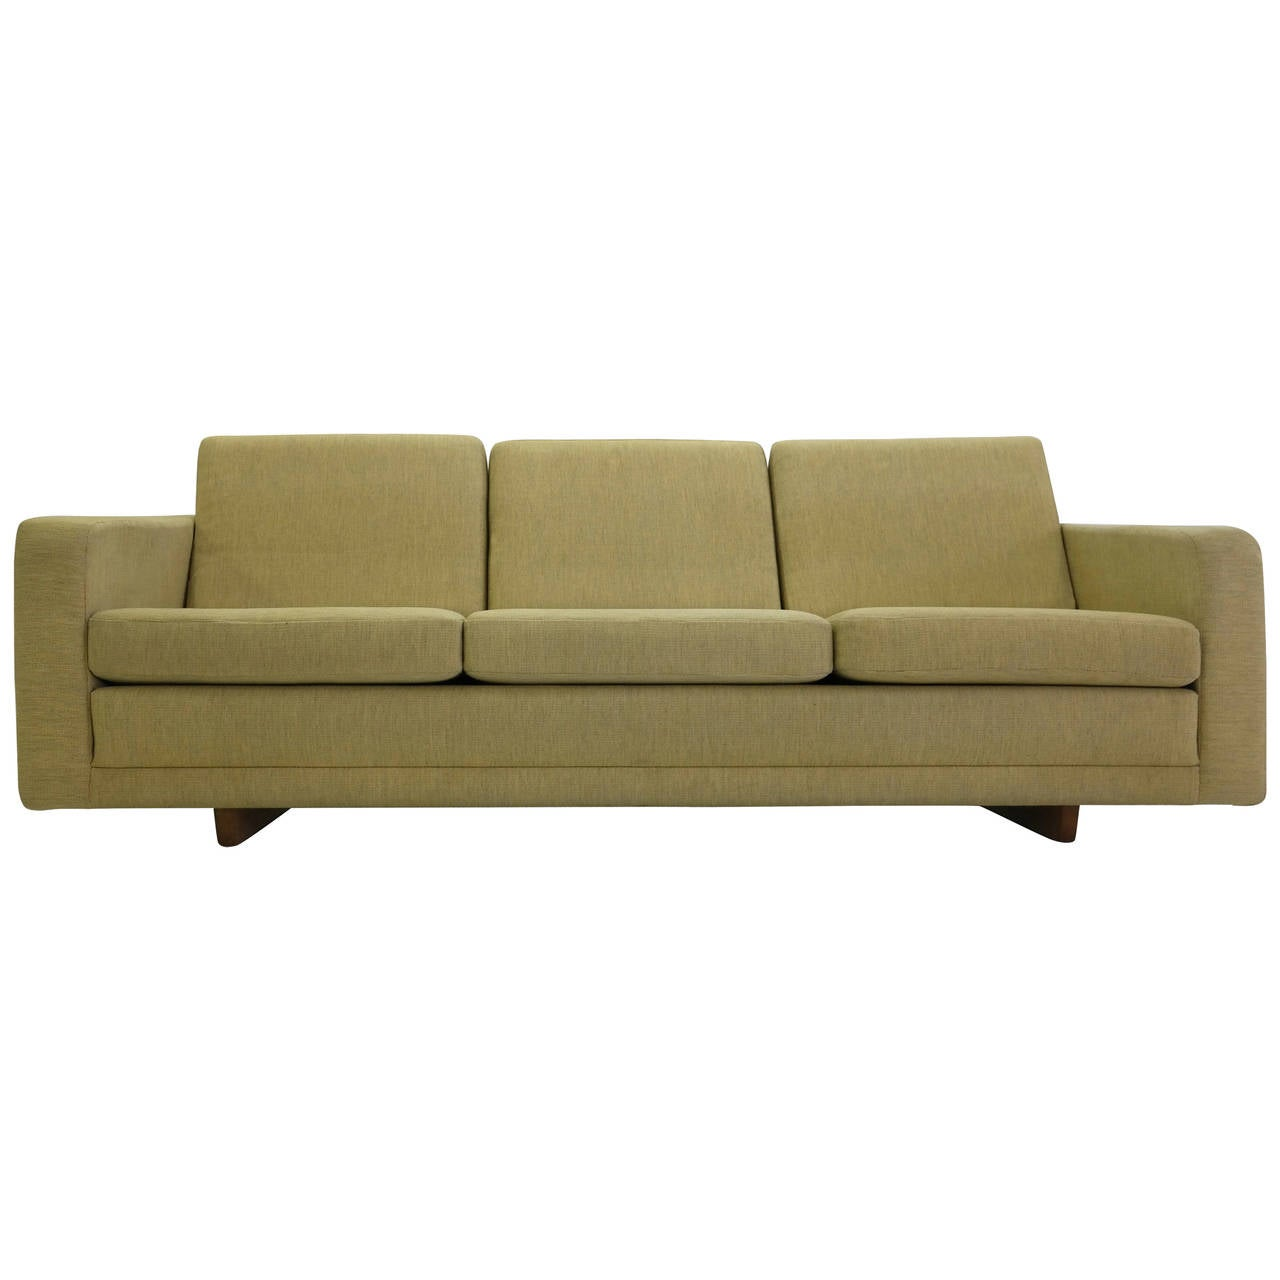 b rge mogensen sofa model 205 at 1stdibs. Black Bedroom Furniture Sets. Home Design Ideas